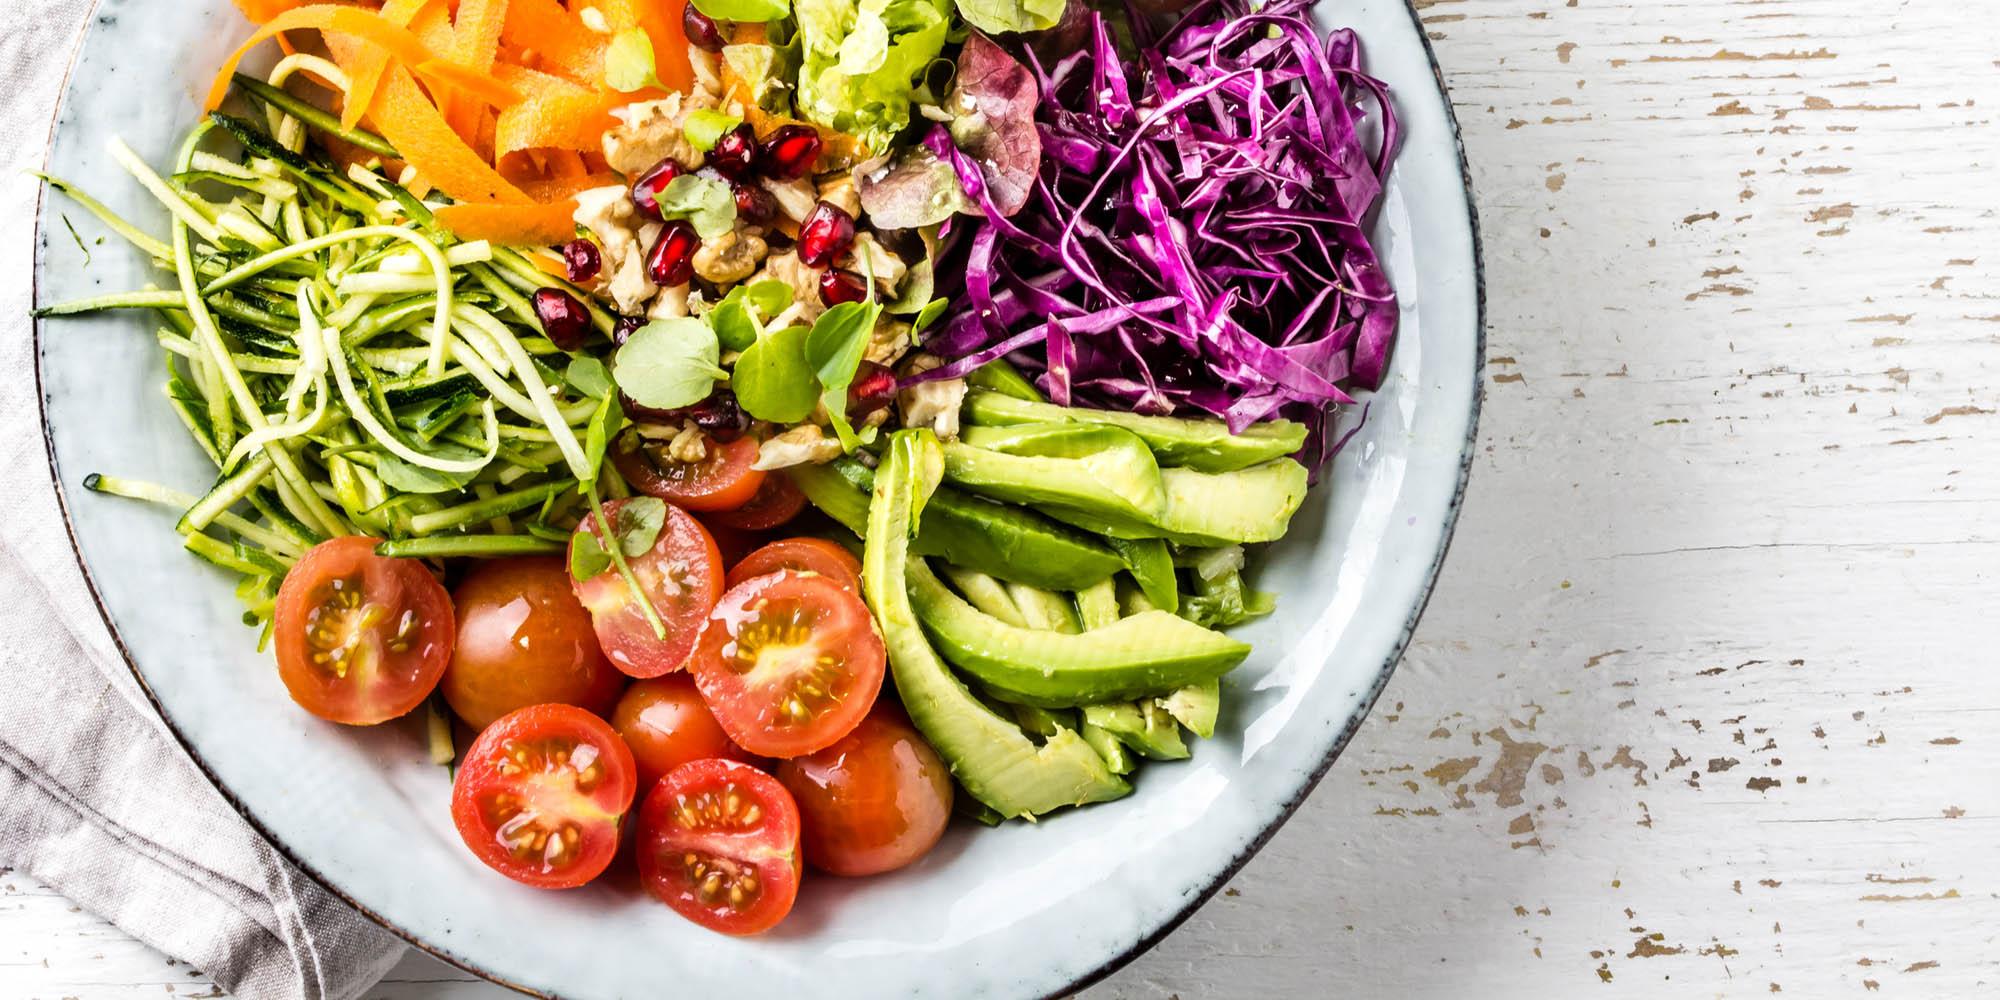 Foolproof Formula for a Healthy No-Greens Salad